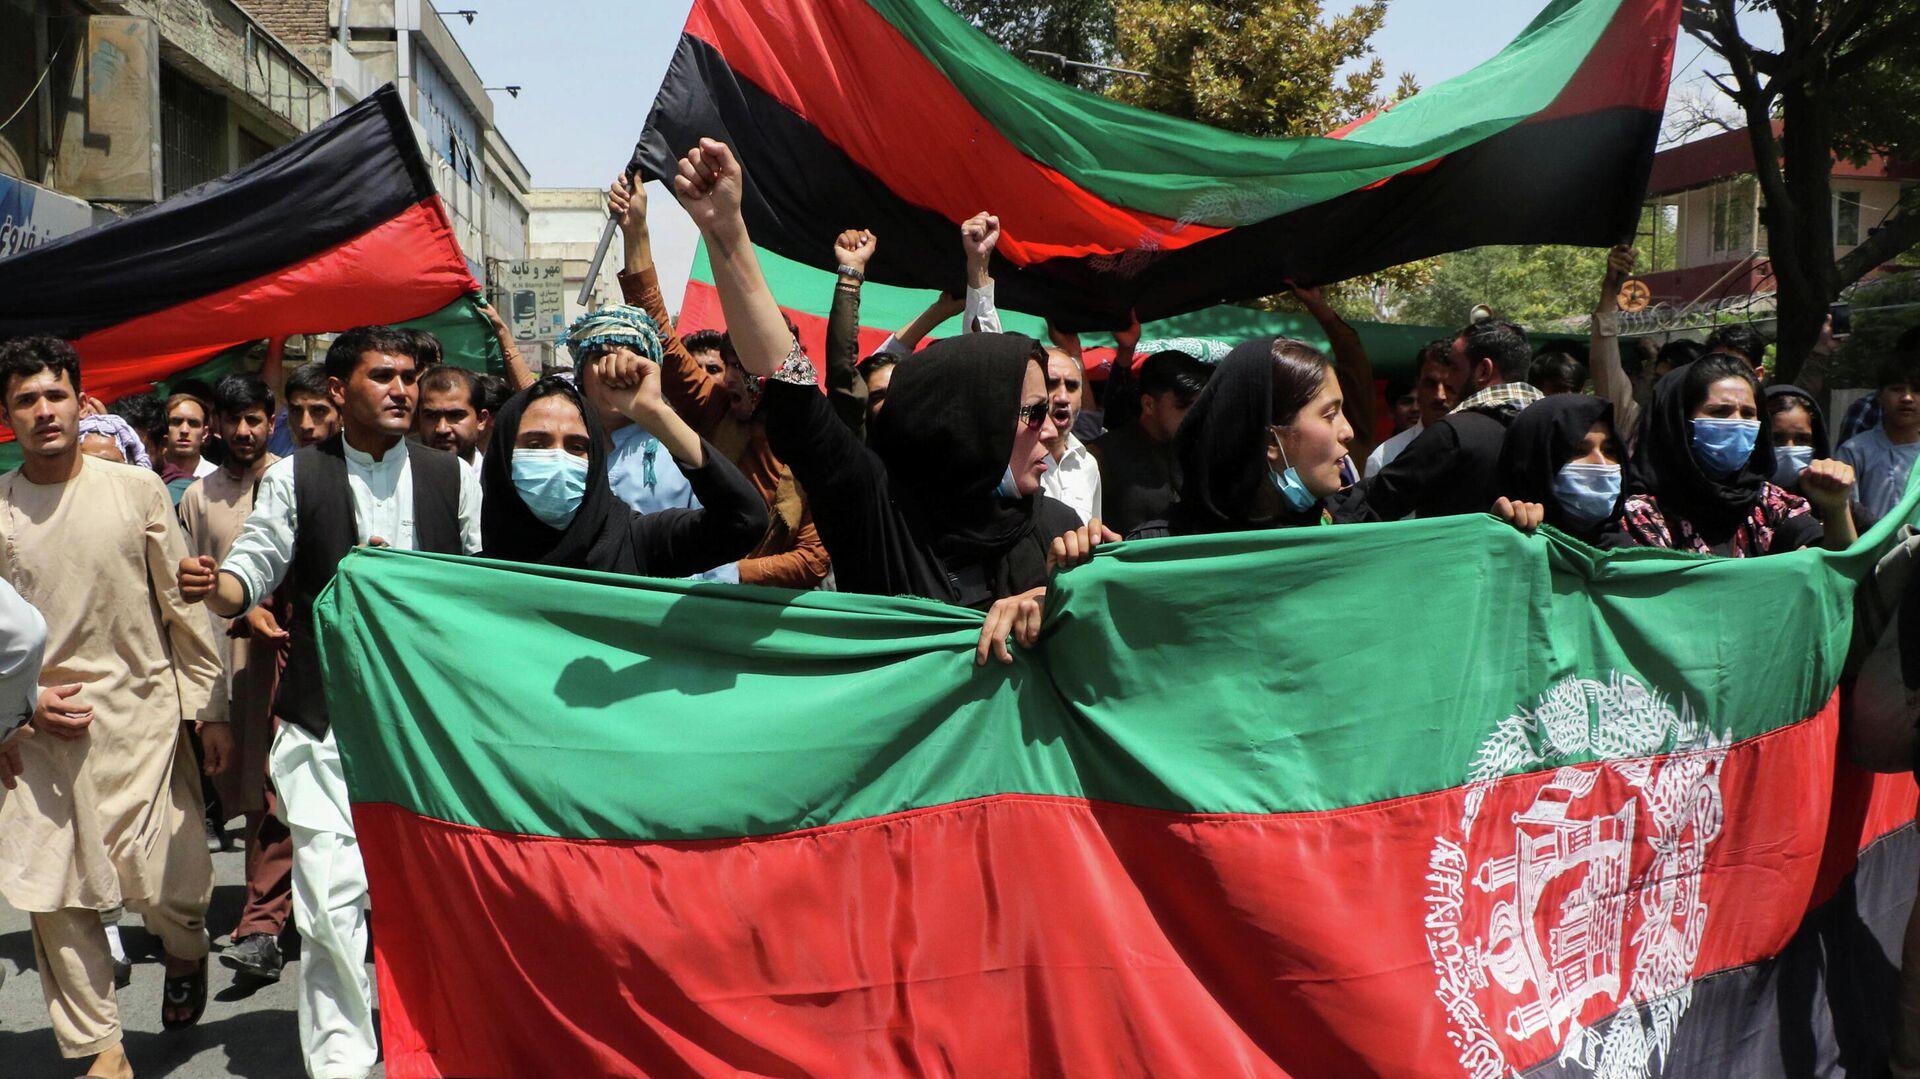 Una protesta en Afganistán - Sputnik Mundo, 1920, 17.09.2021